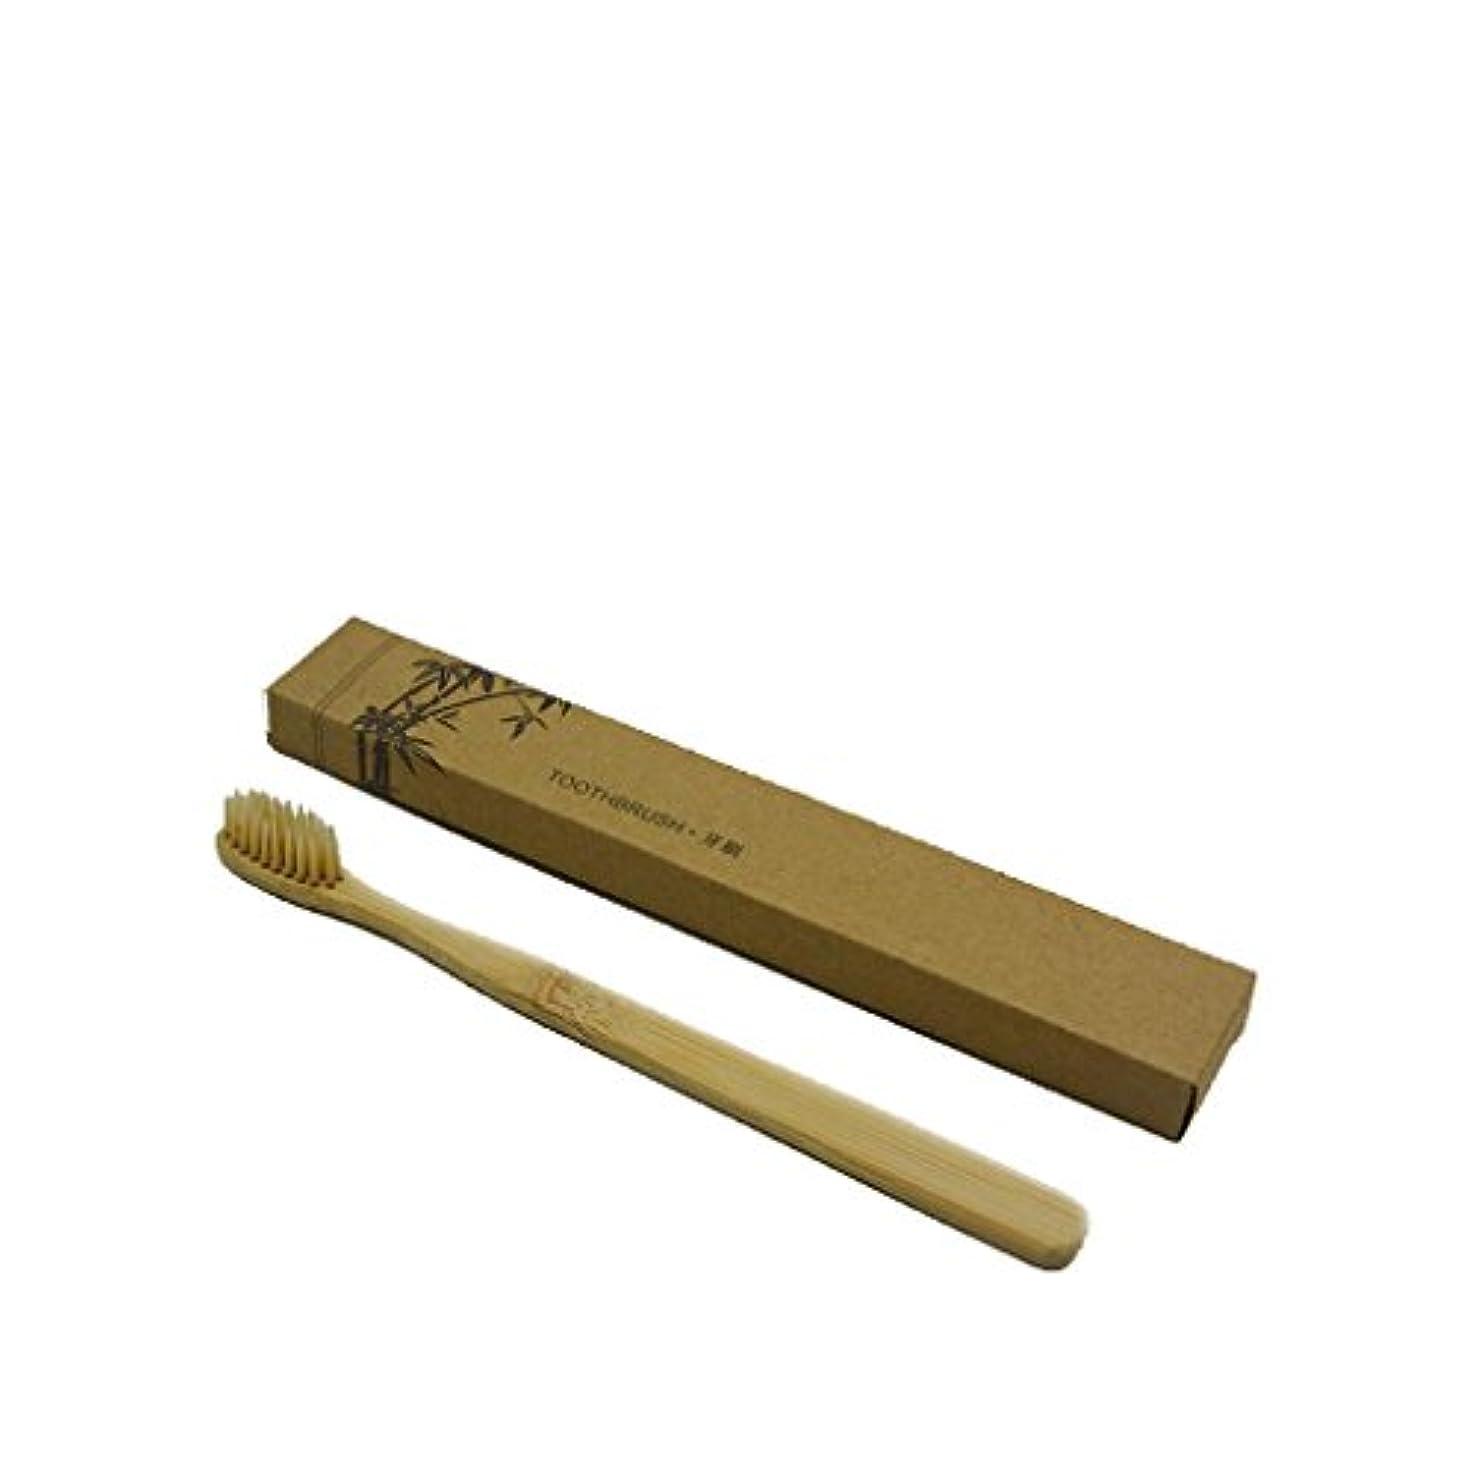 ふくろう貼り直すエンジニアNerhaily 竹製歯ブラシ ミディアム及びソフト、生分解性、ビーガン、バイオ、エコ、持続可能な木製ハンドル、ホワイトニング 歯 竹歯ブラシ